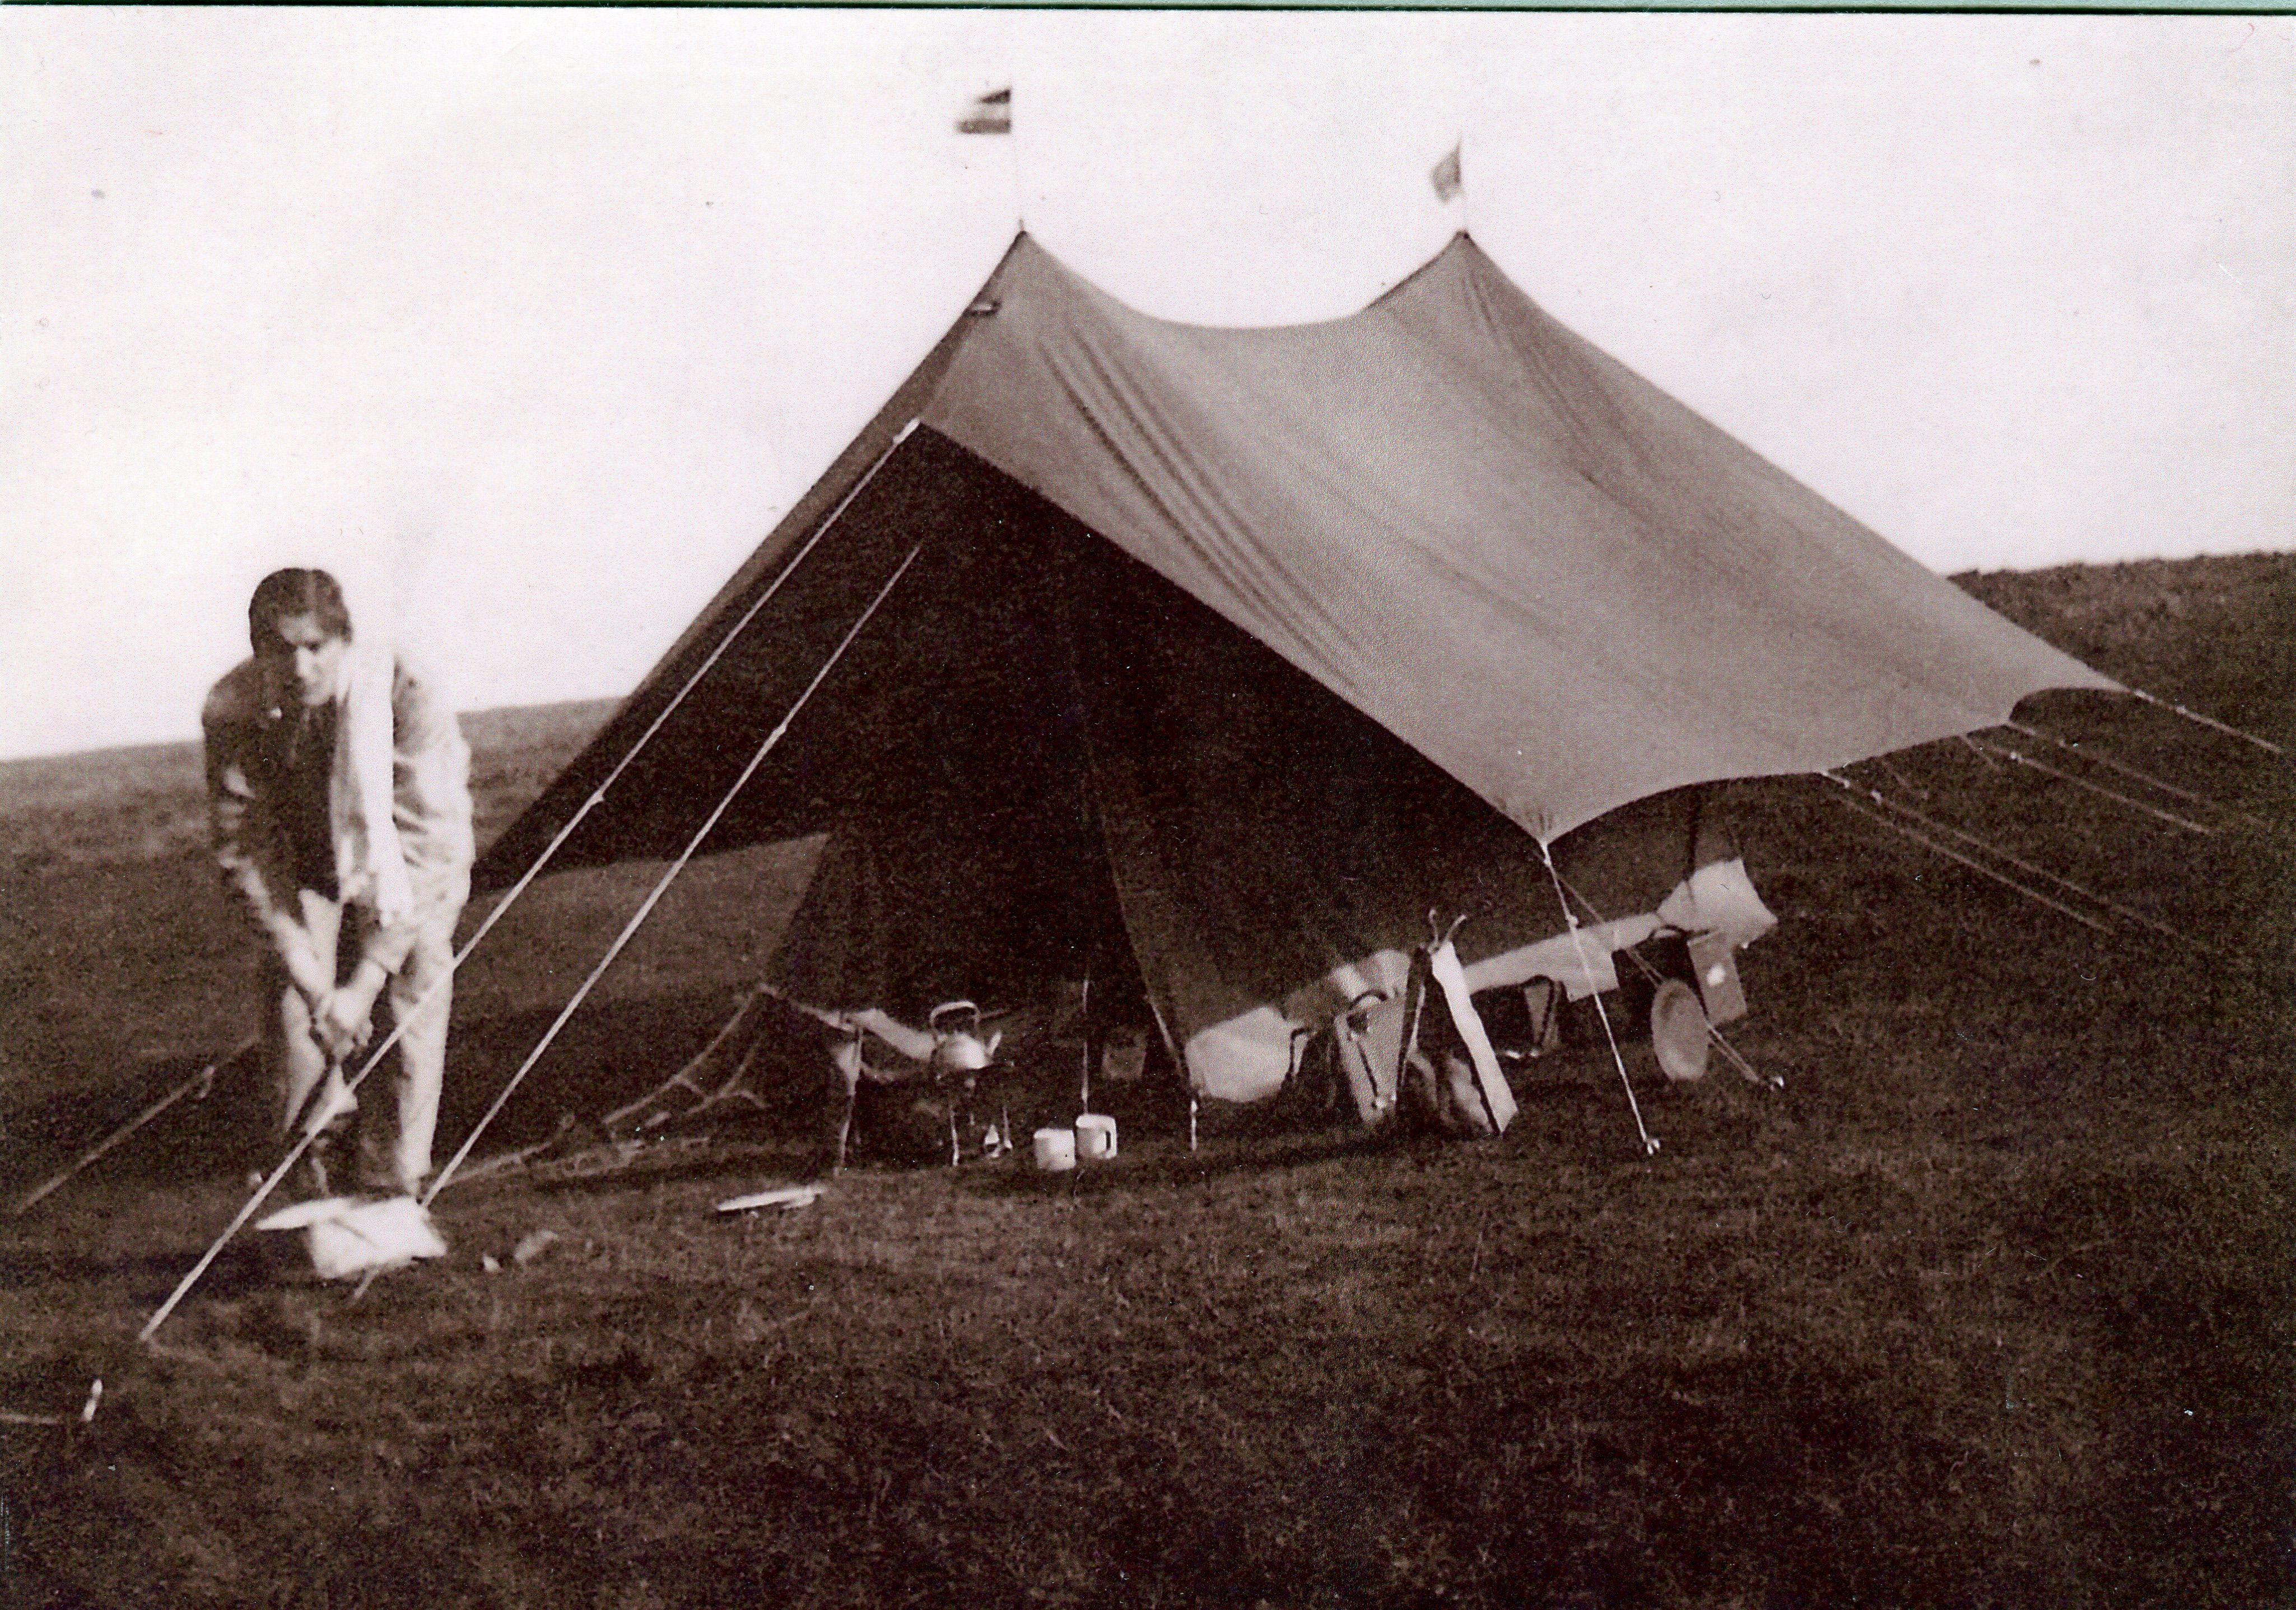 Nederlandse kampeermanie begon als buitenactiviteit voor de elite